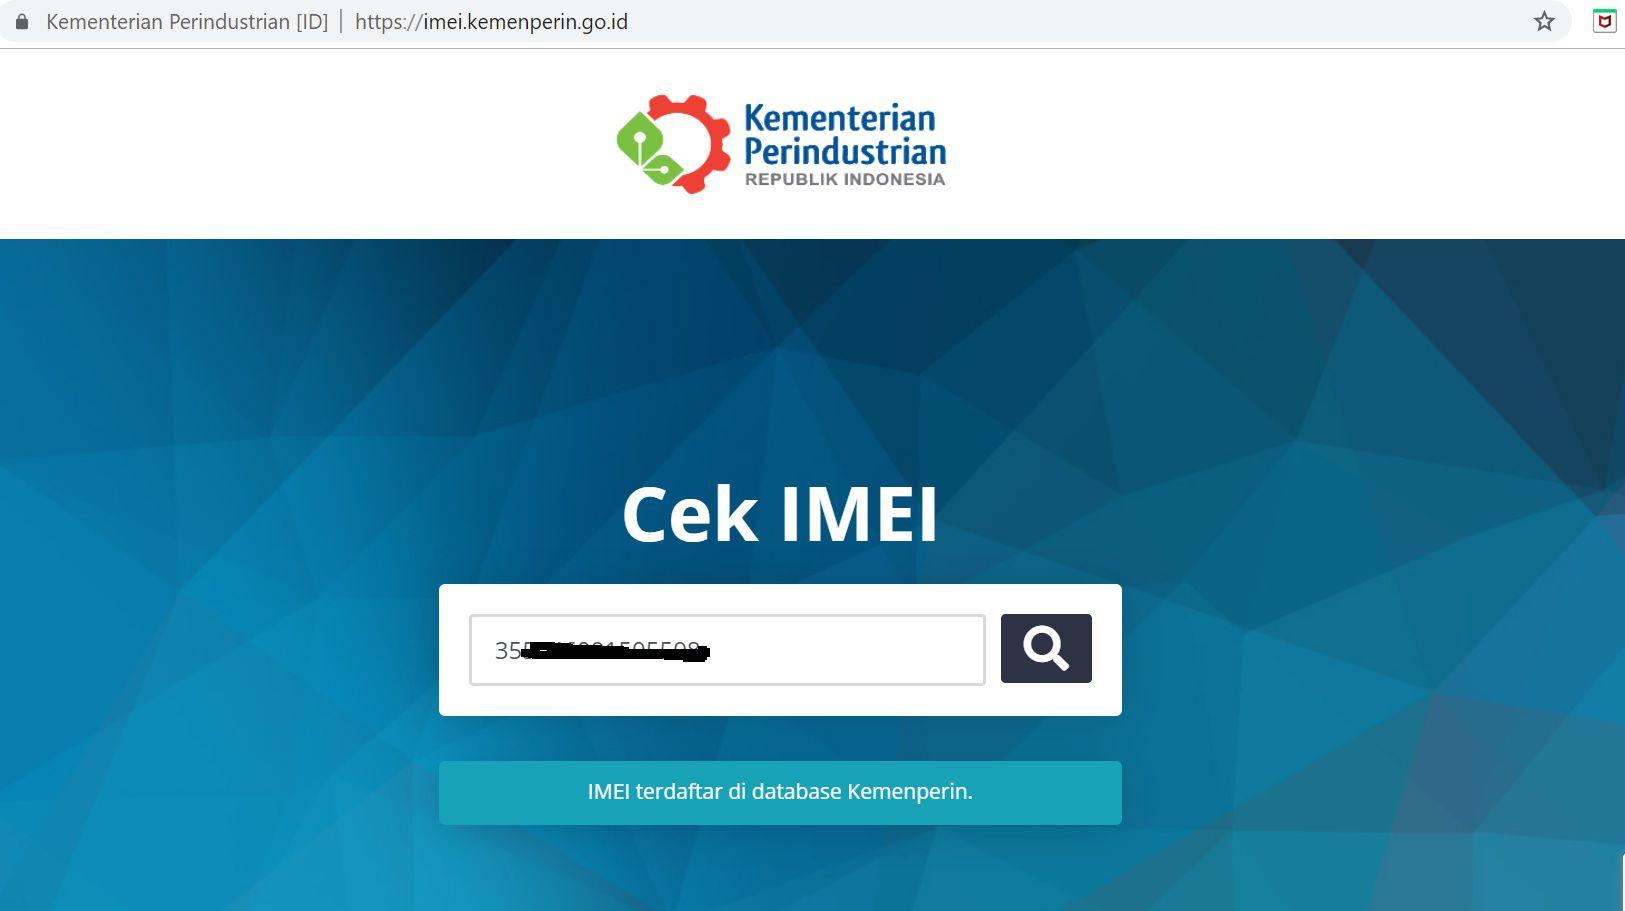 Yakin Ponsel kamu resmi? Yuk cek IMEI nya di situs ini agar tidak diblokir